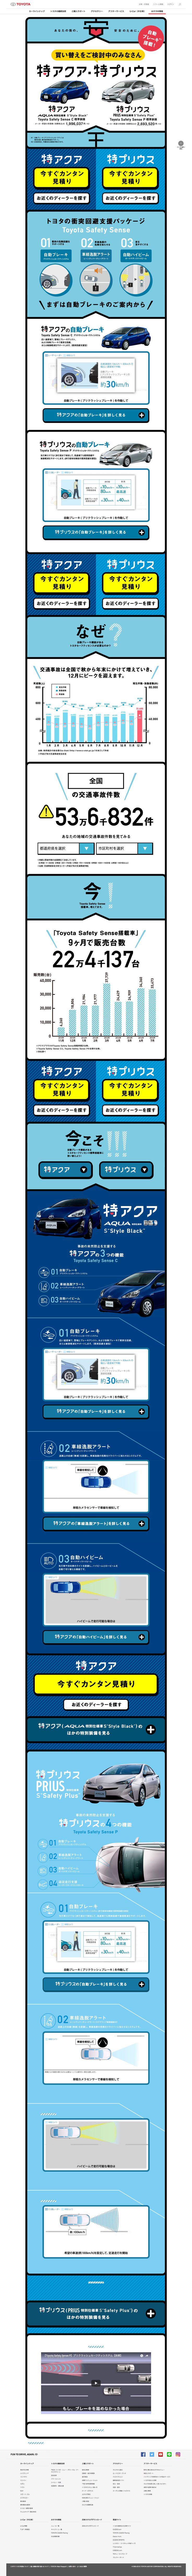 特アクア・特プリウス toyota.jp/information/campaign/tokutoku/